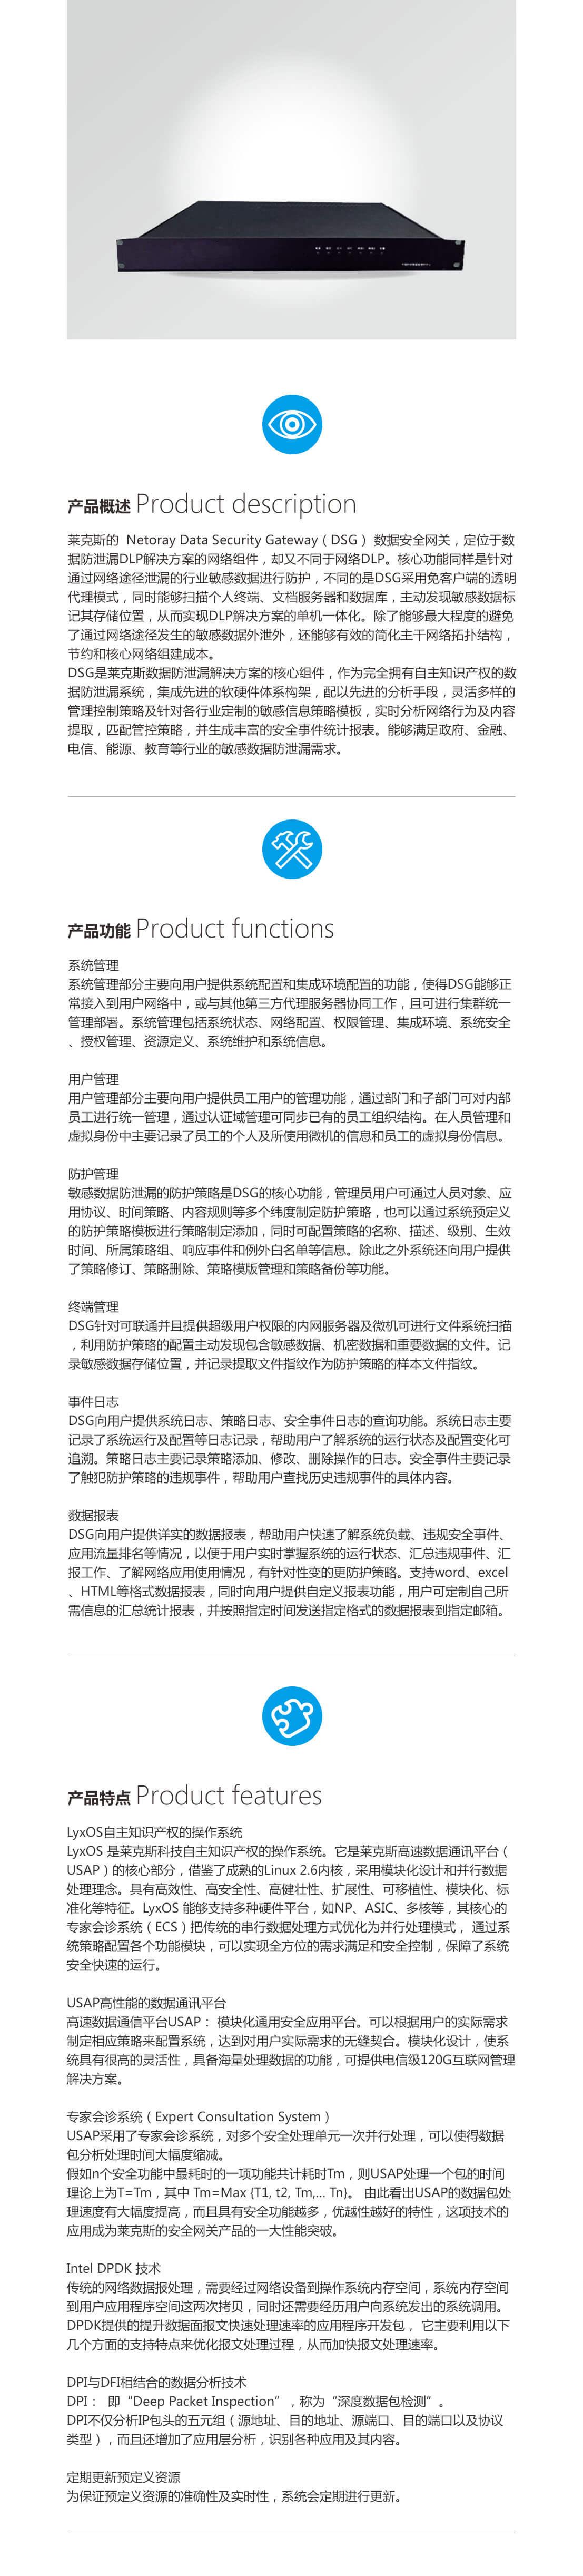 莱克斯数据安全网关(1).jpg